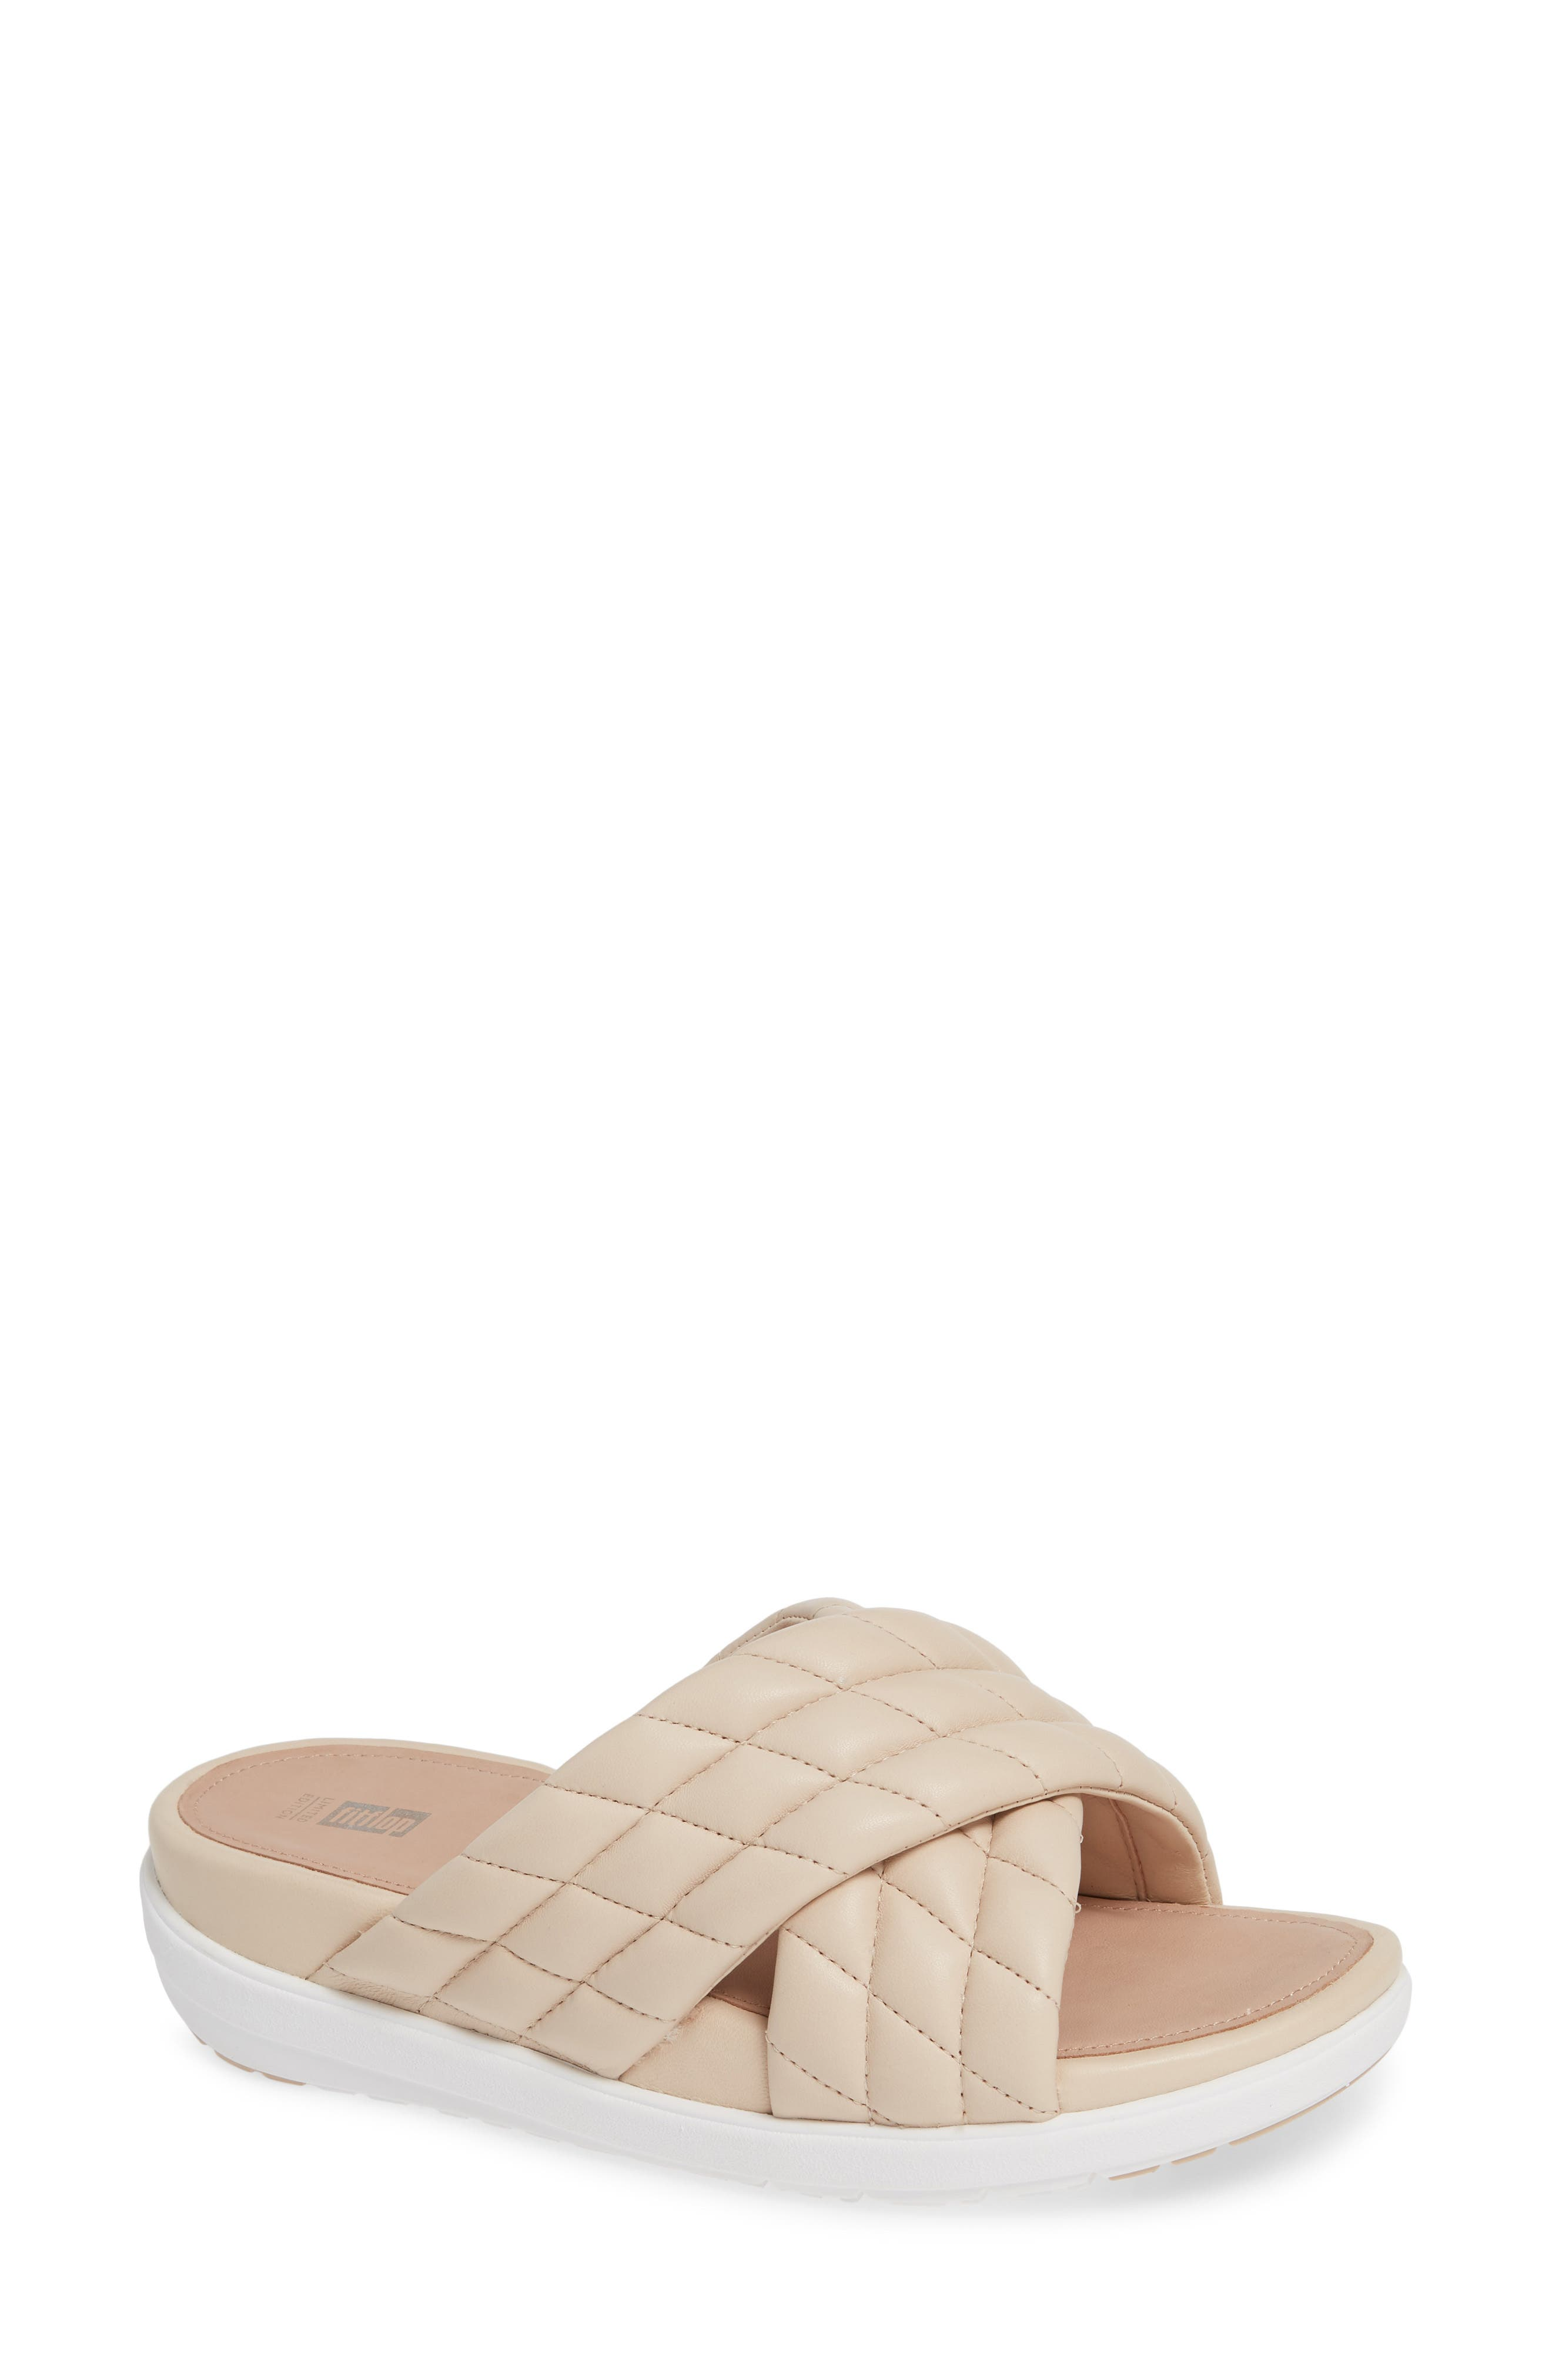 Fitflop Loosh Luxe Slide Sandal, Beige